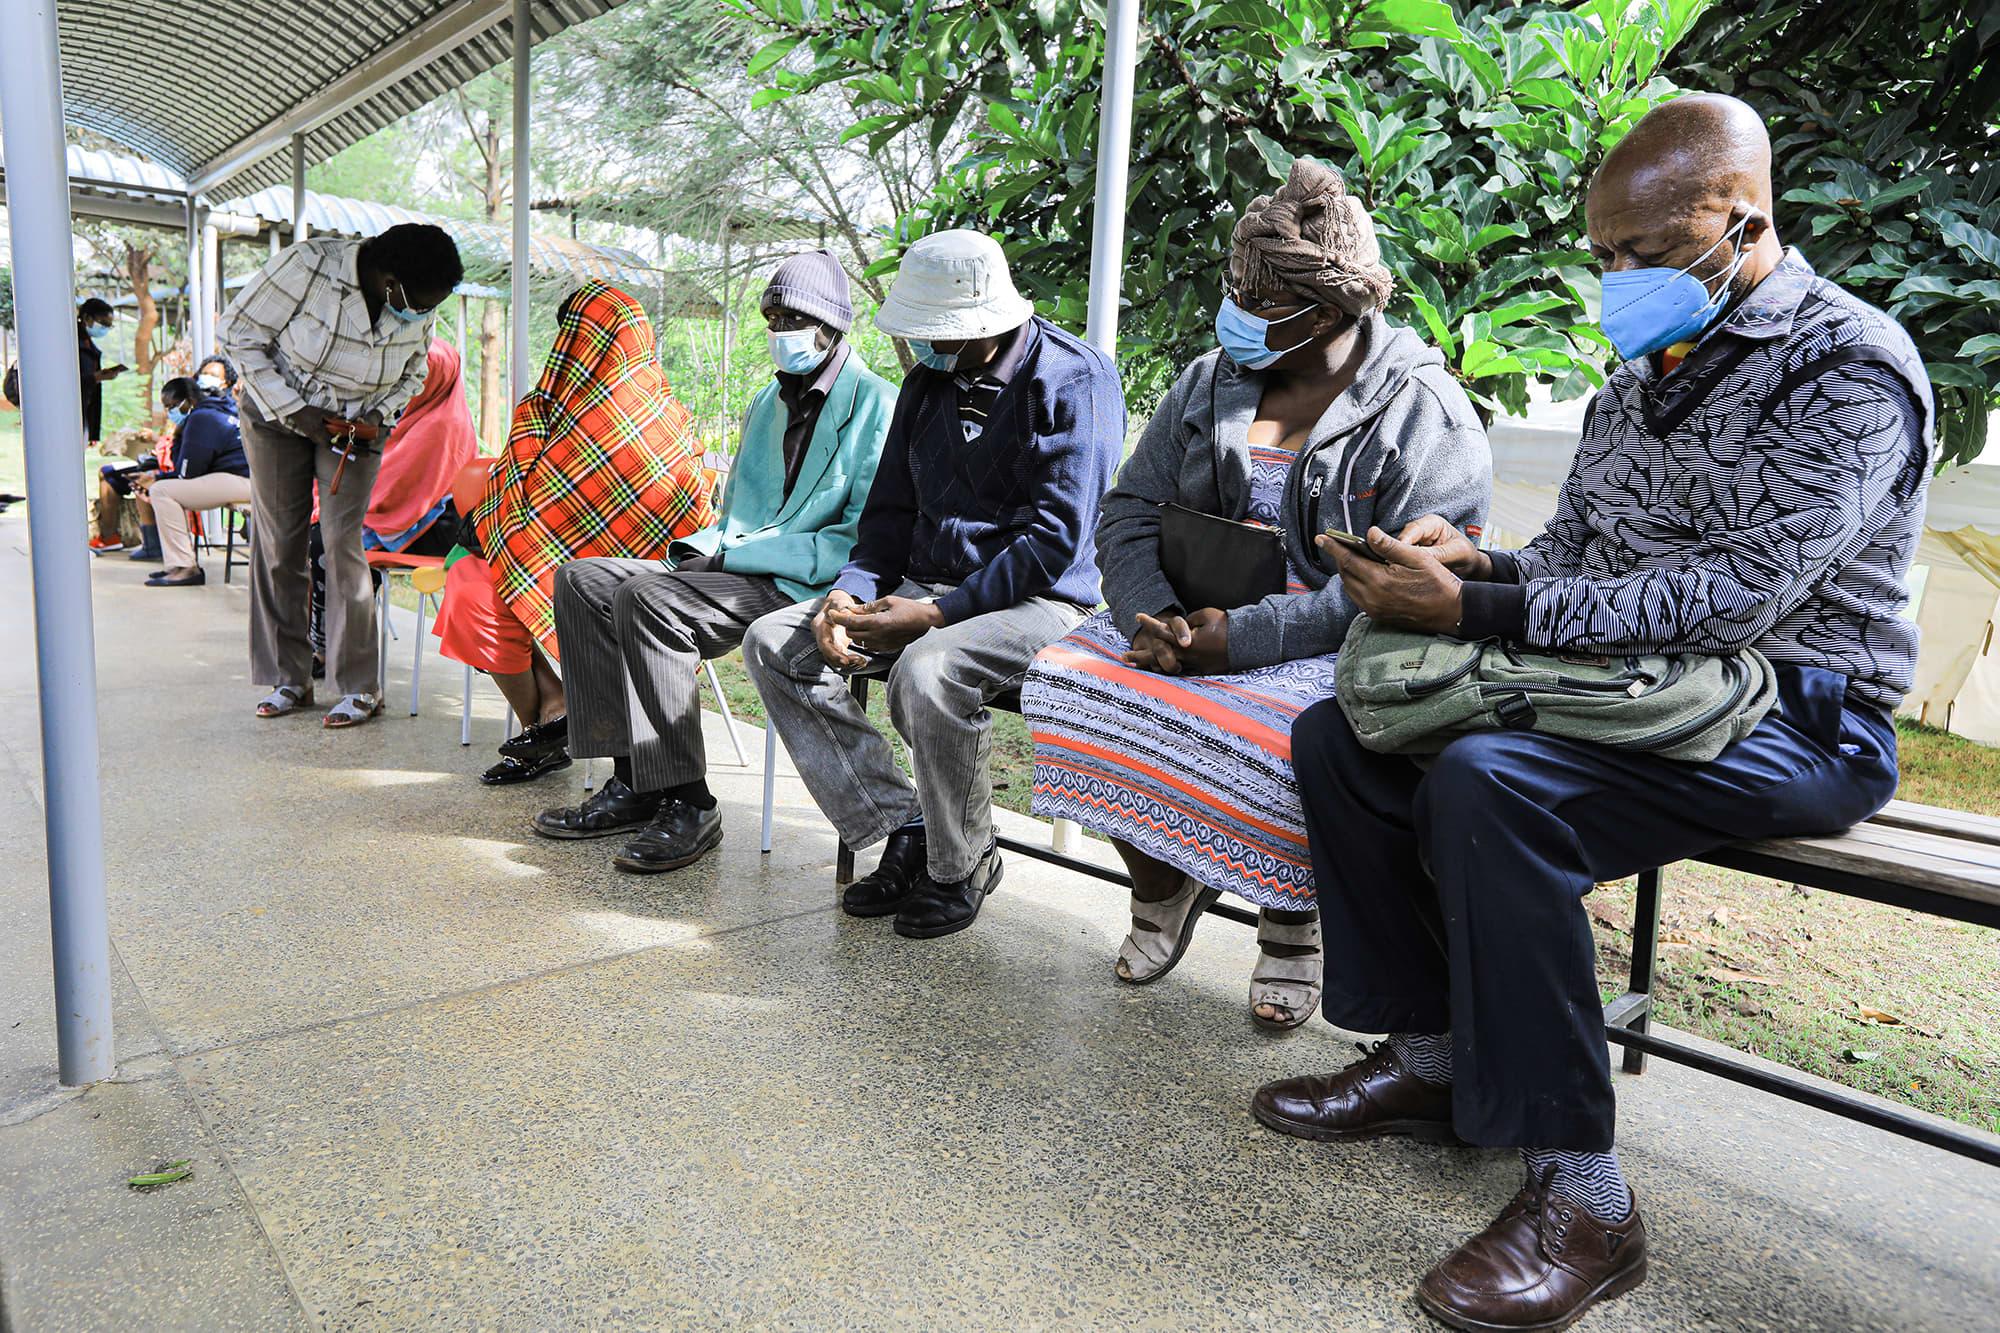 Ryhmä kenialaisia istuu ulkona odottamassa koronarokotetta.